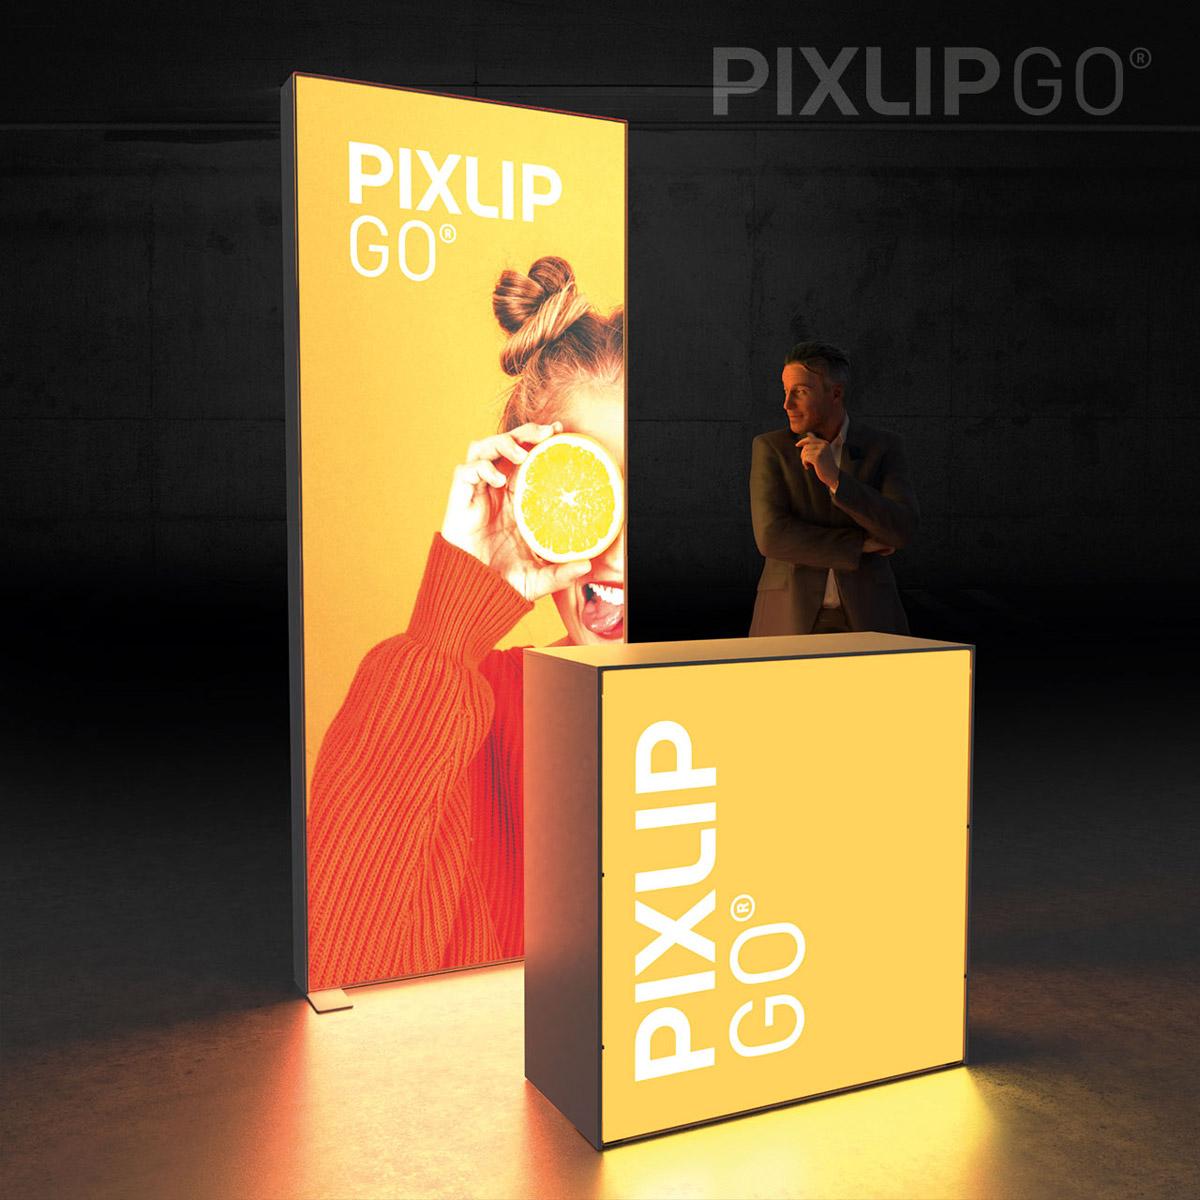 PIXLIP GO Kopf-Messestand 2x1m